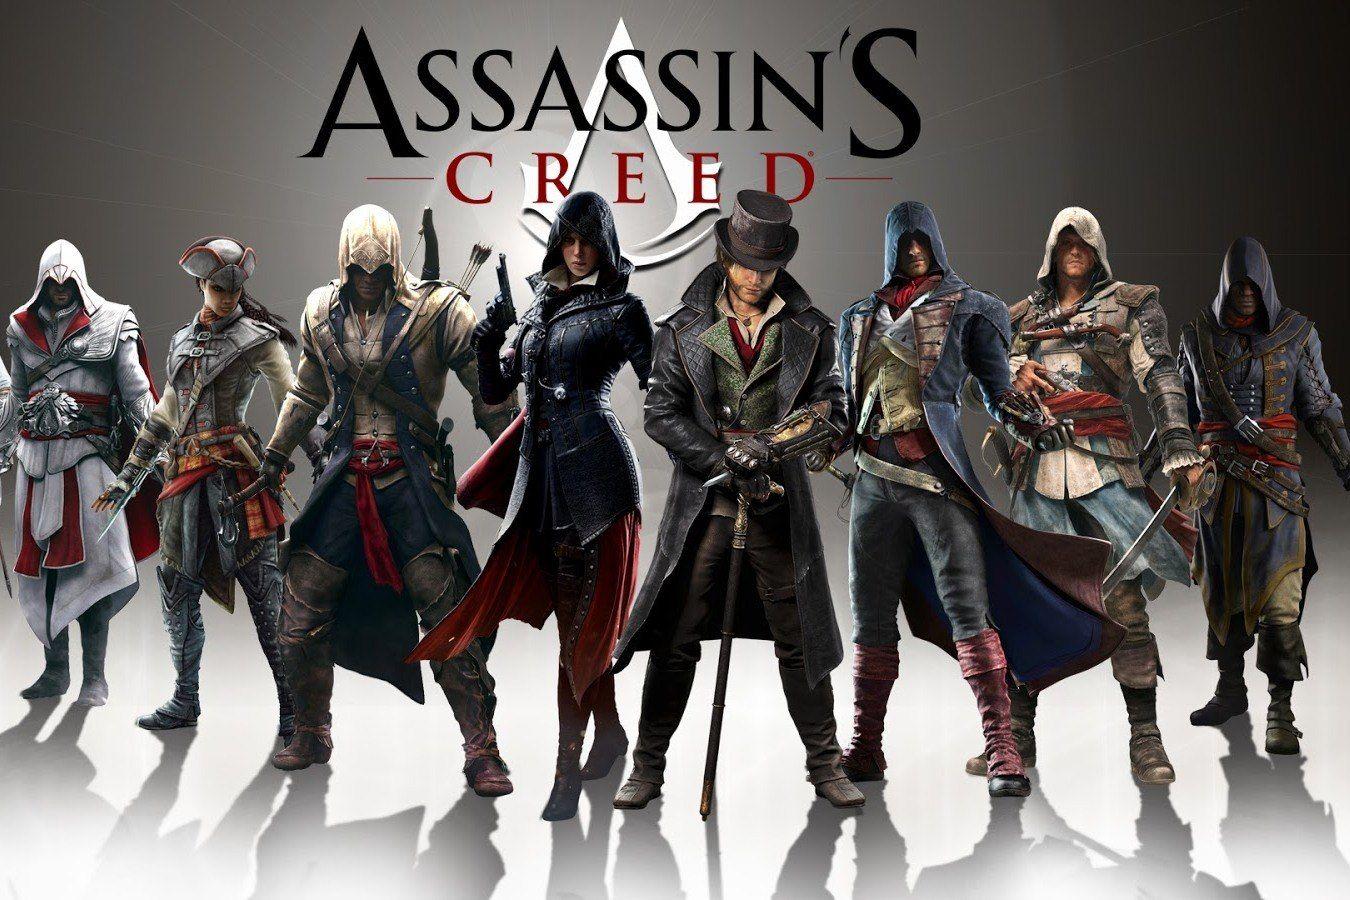 фото всех персонажей из игры ассасин они